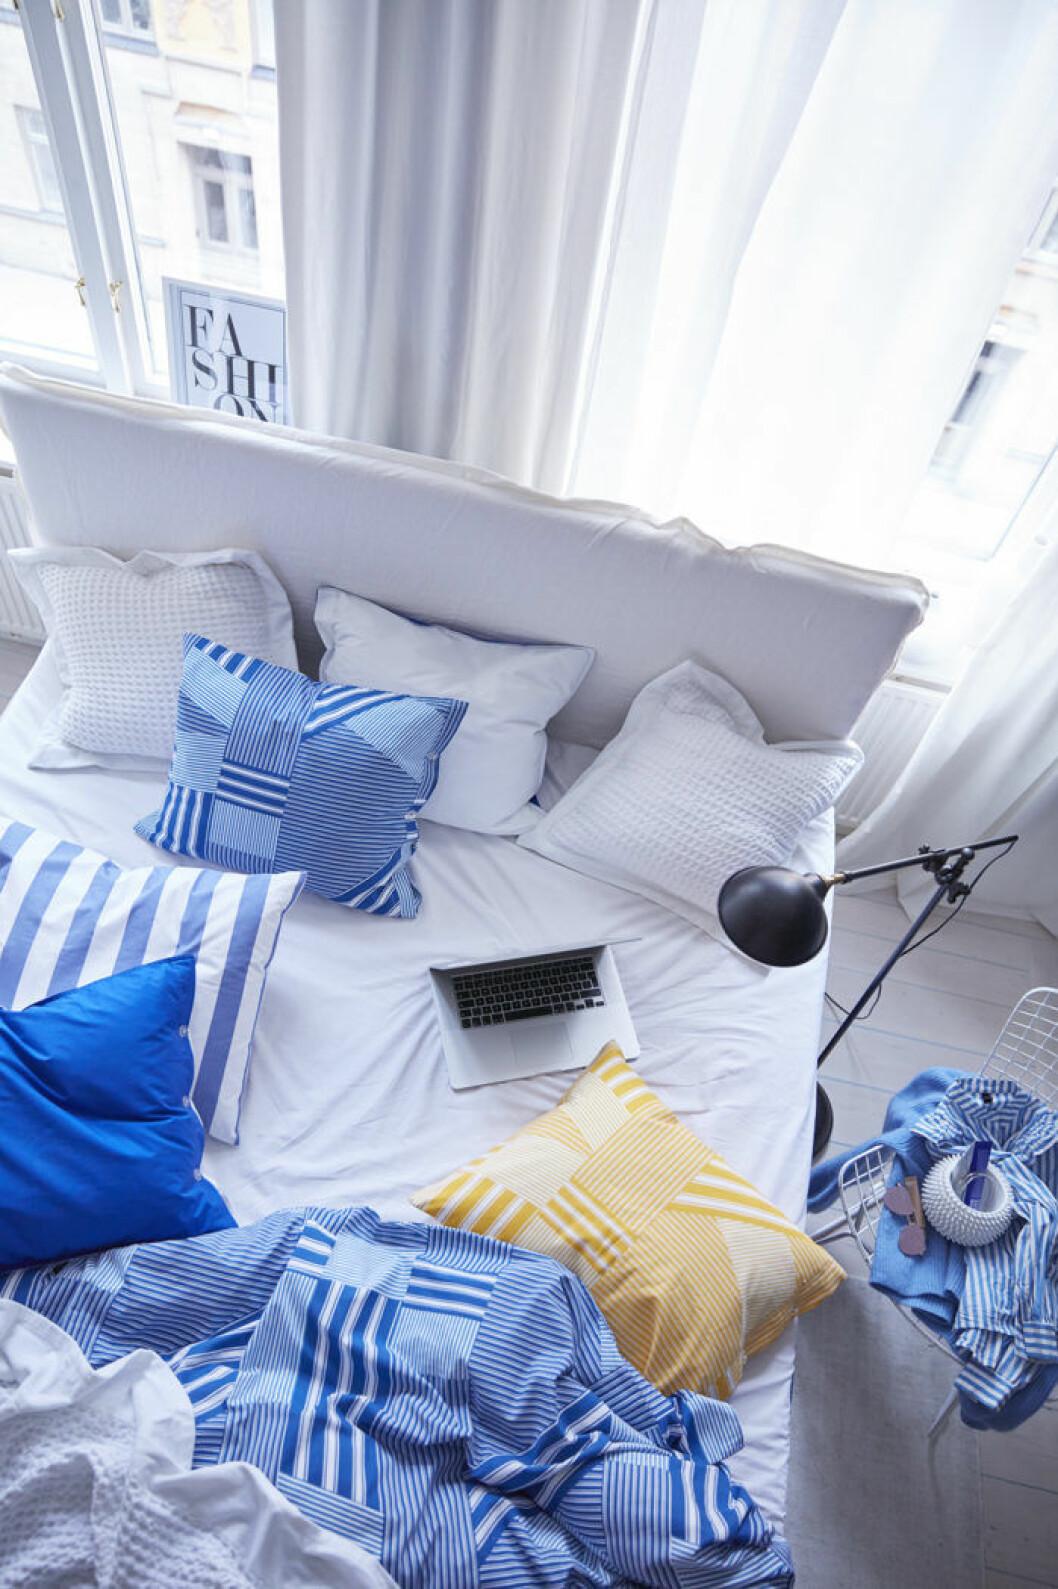 Sovrum med säng och sängkläder i blått, vitt och gult. Jotex vårnyheter 2018.